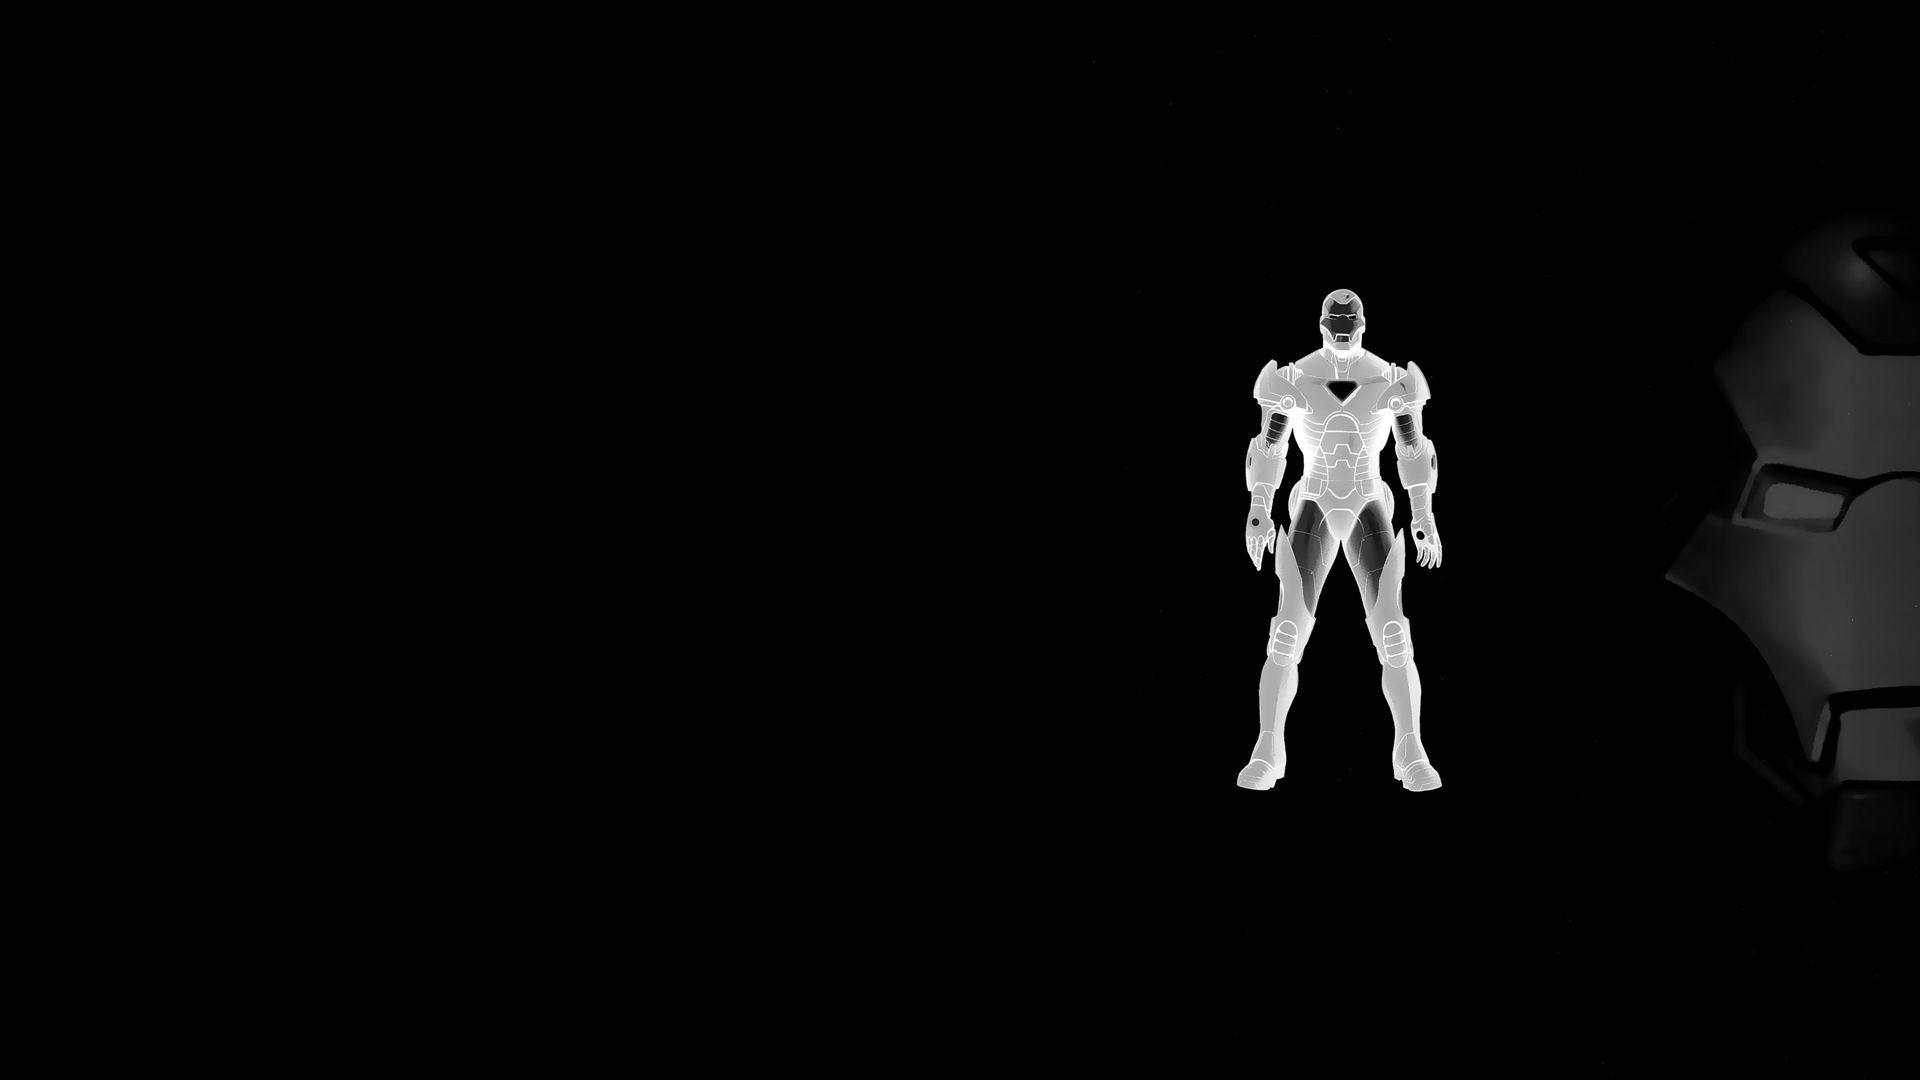 Iron Man Black Desktop Wallpapers Top Free Iron Man Black